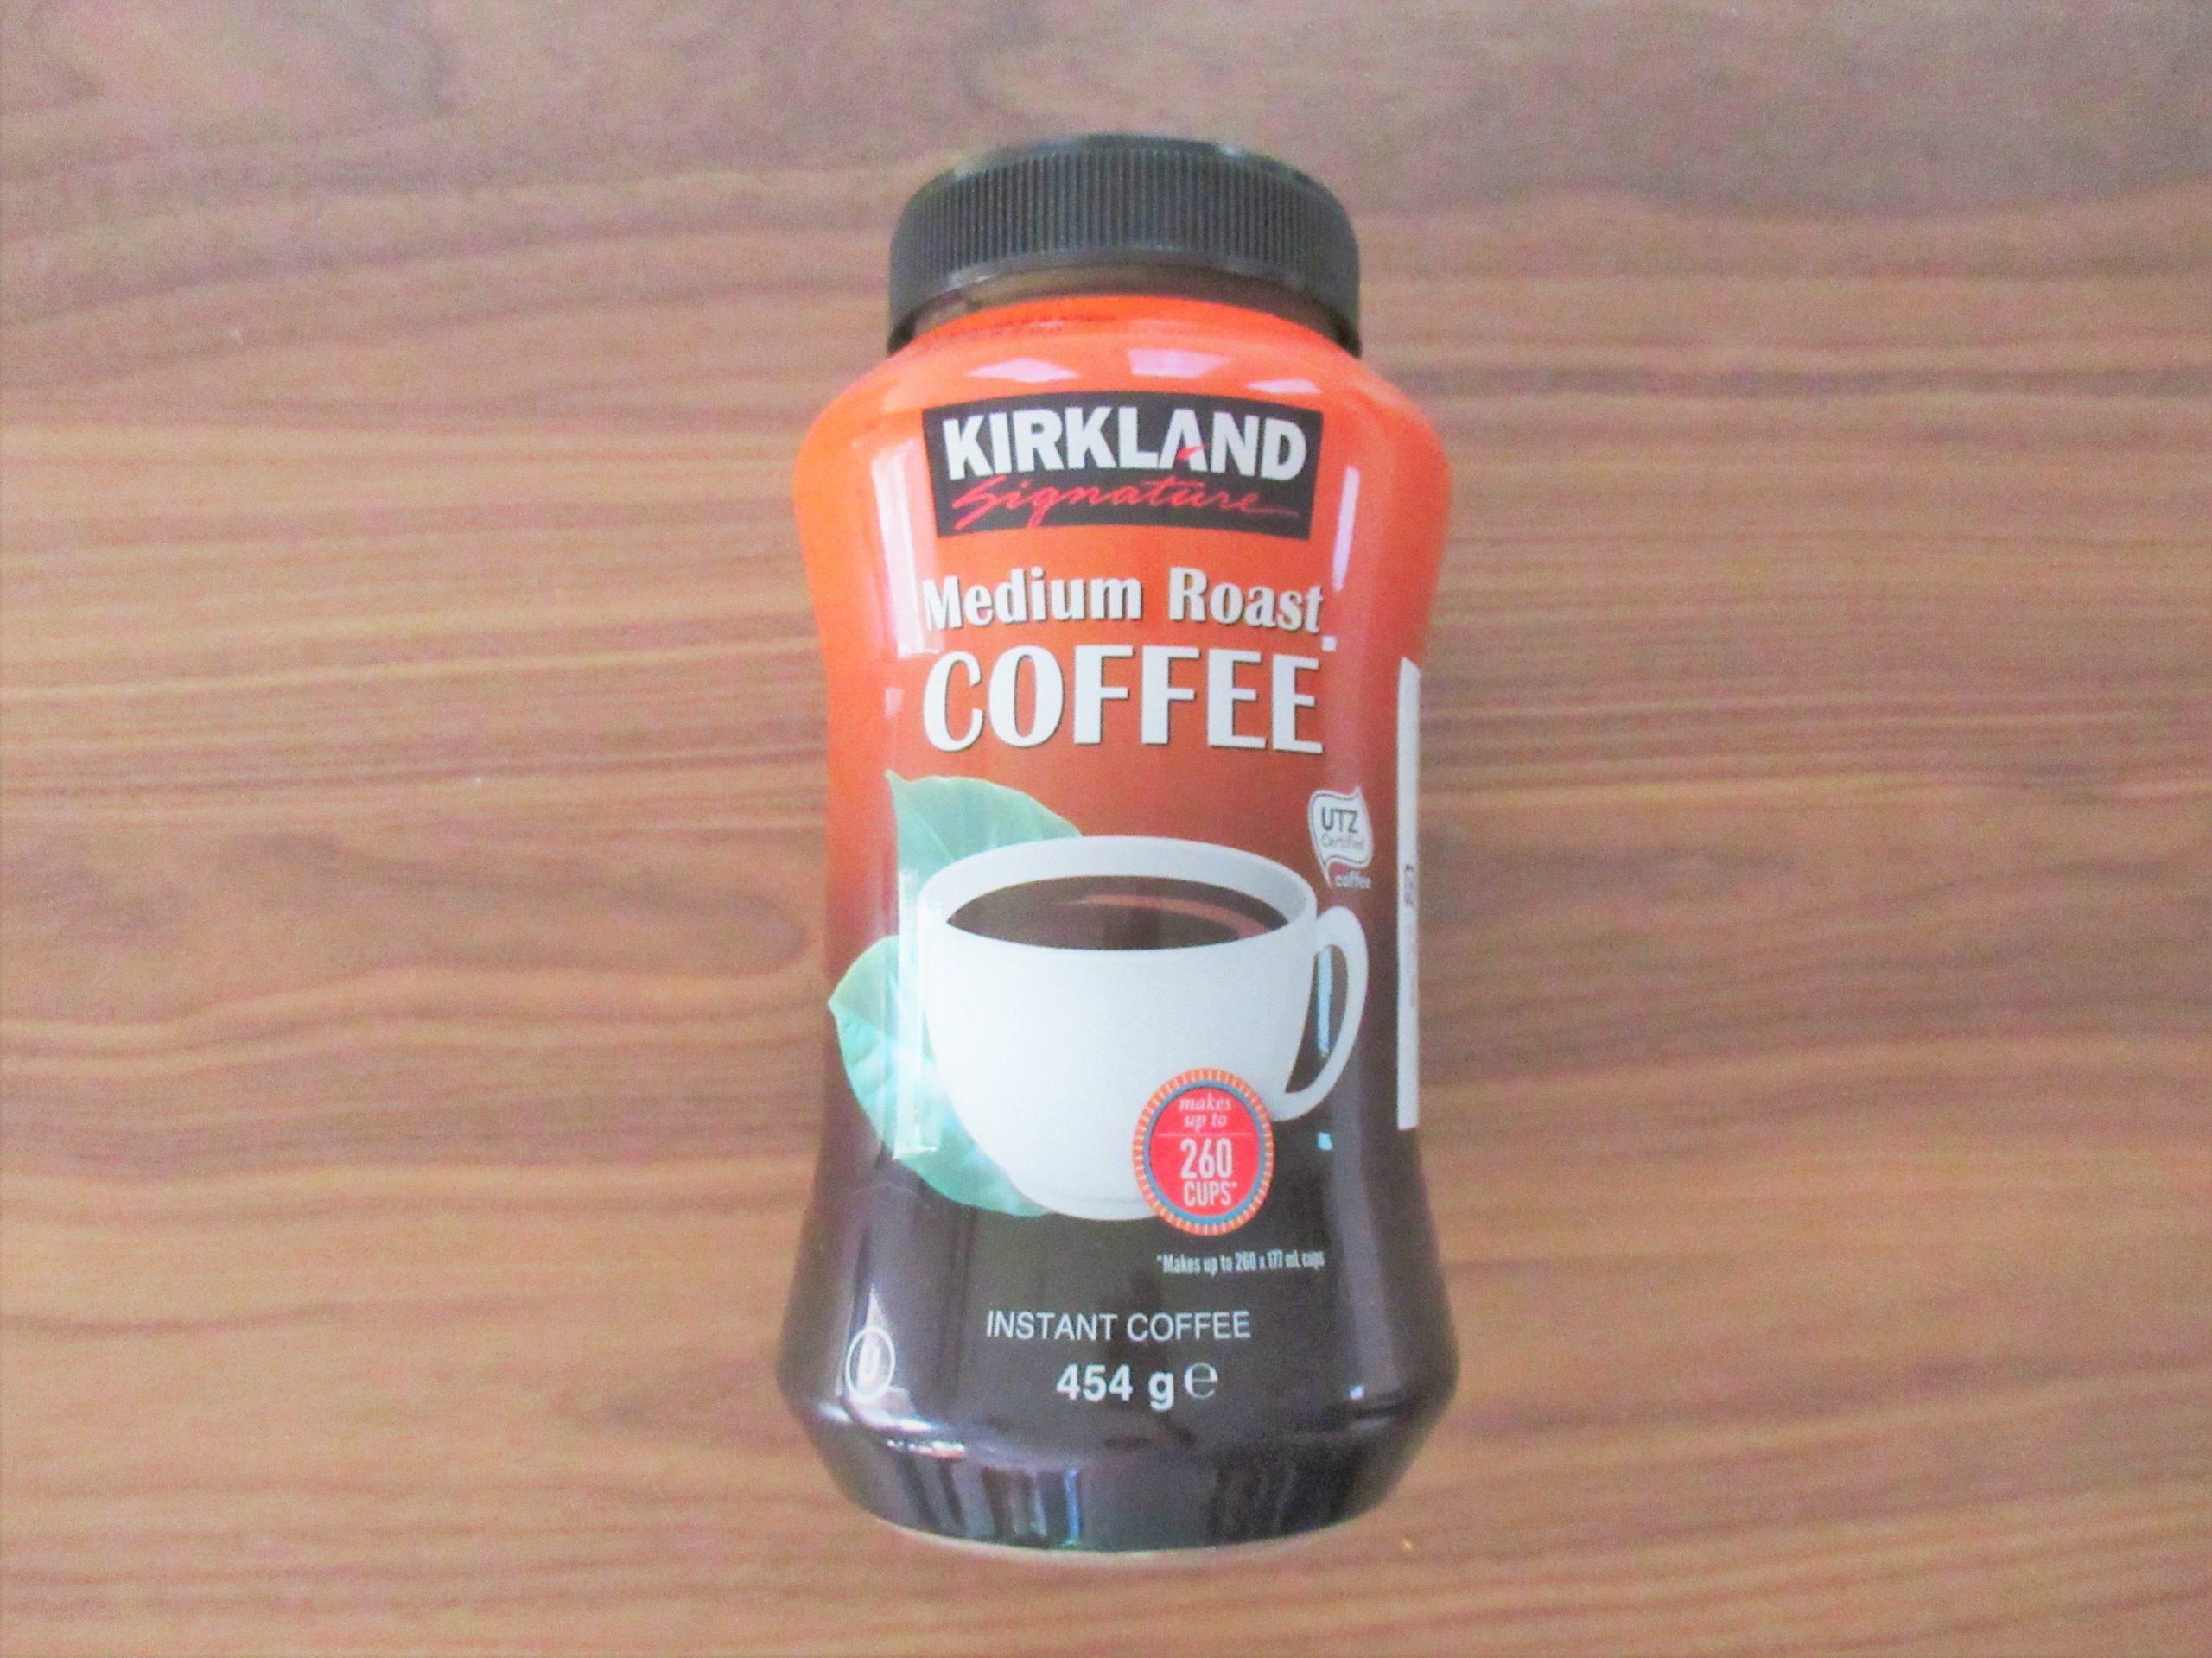 コストコ【KIRKLAND】インスタントコーヒーの味をレビュー☆インスタント派には嬉しい商品|コストコで節約さがし